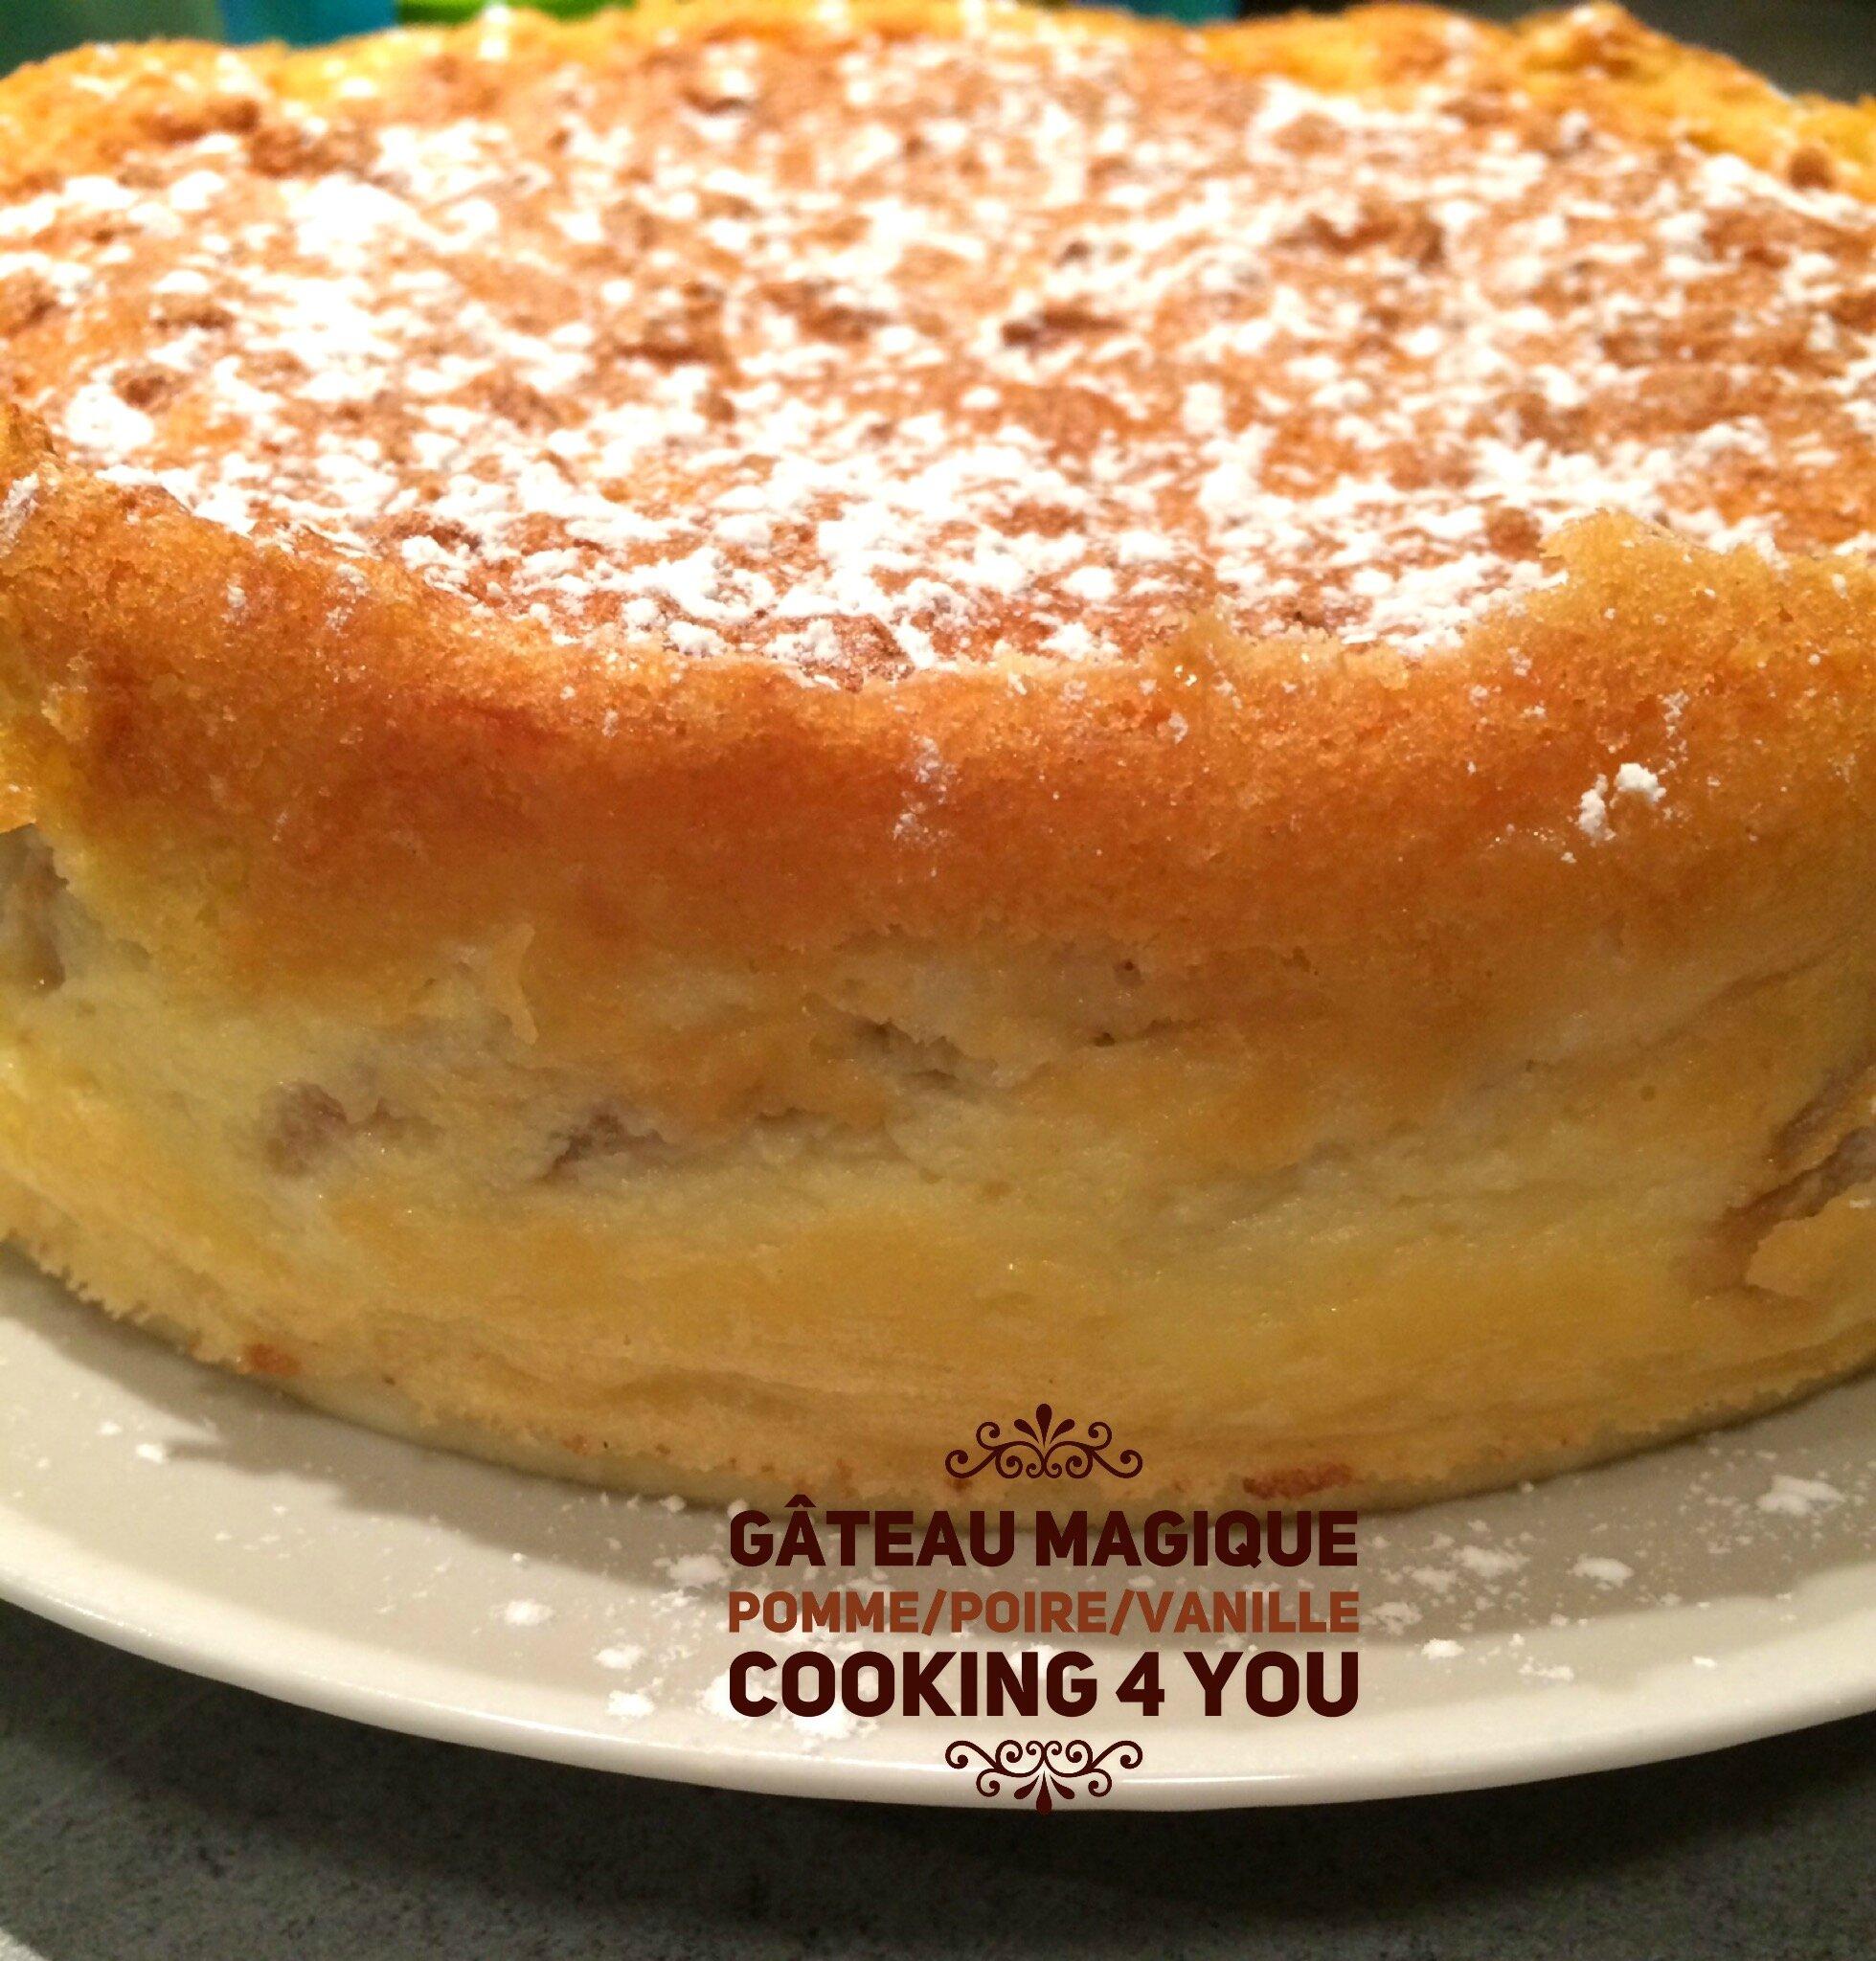 Gâteau magique Pomme/Poire/Vanille